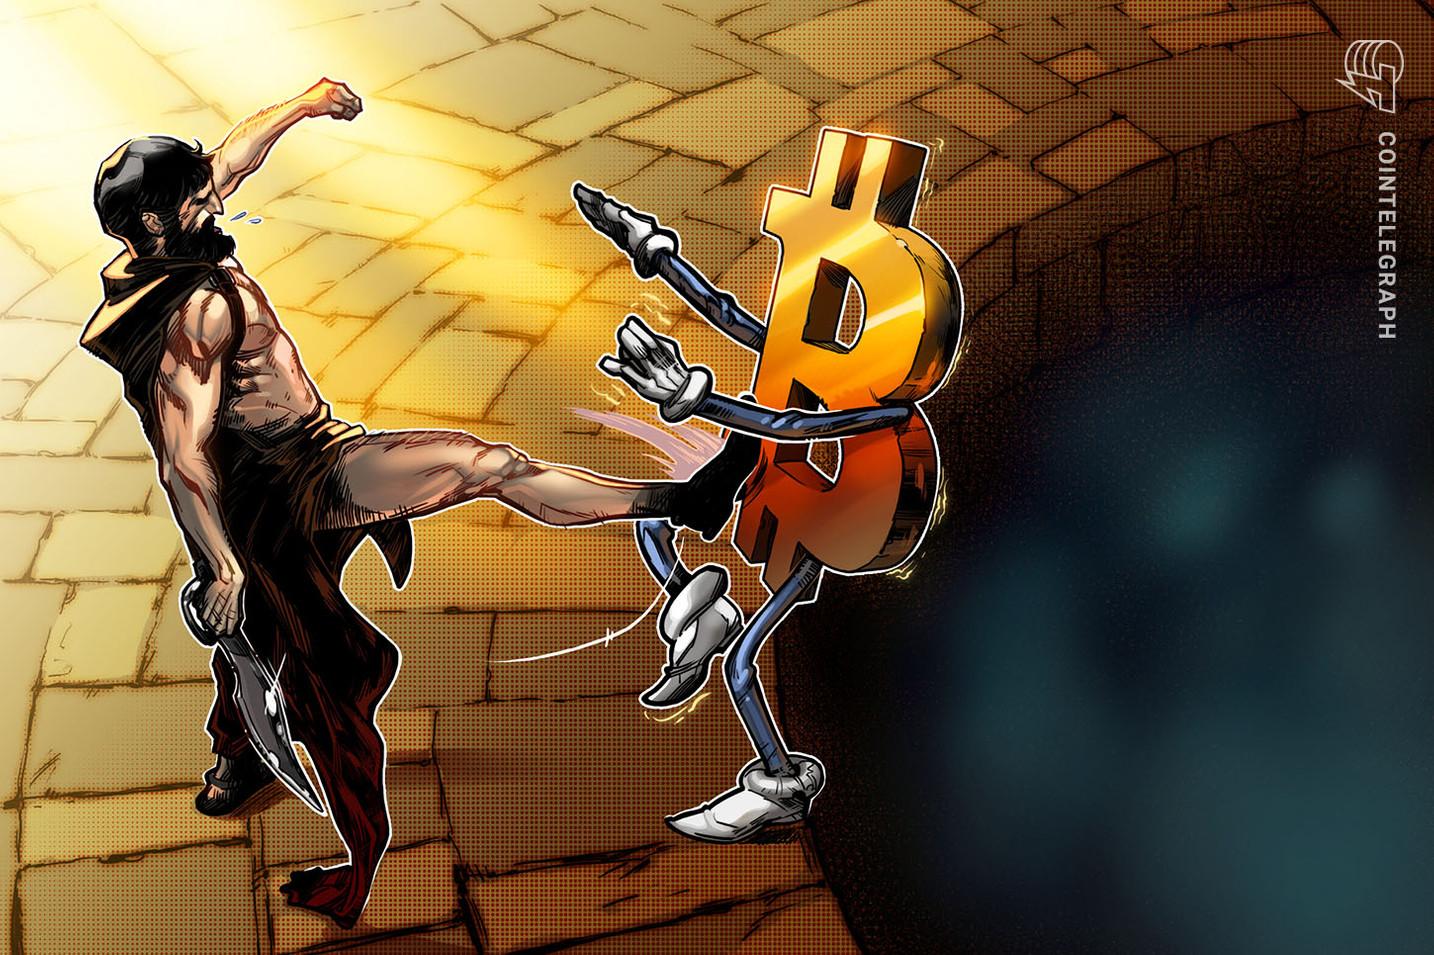 Bitcoin recua para mínimo de duas semanas com US$ 6 bilhões em opções prestes a vencer - O que vem por aí?